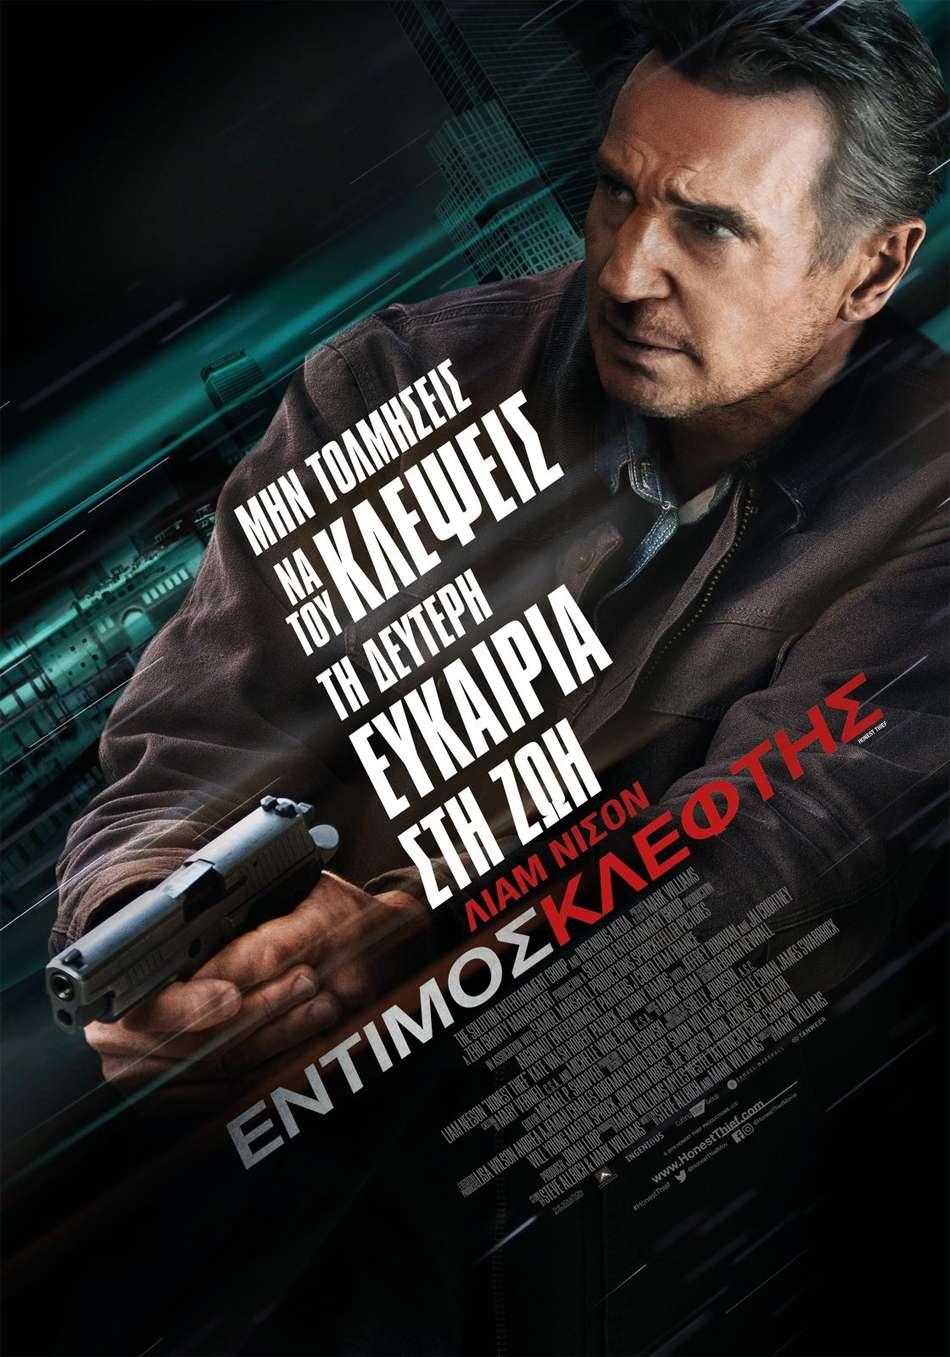 Έντιμος Κλέφτης (Honest Thief) Poster